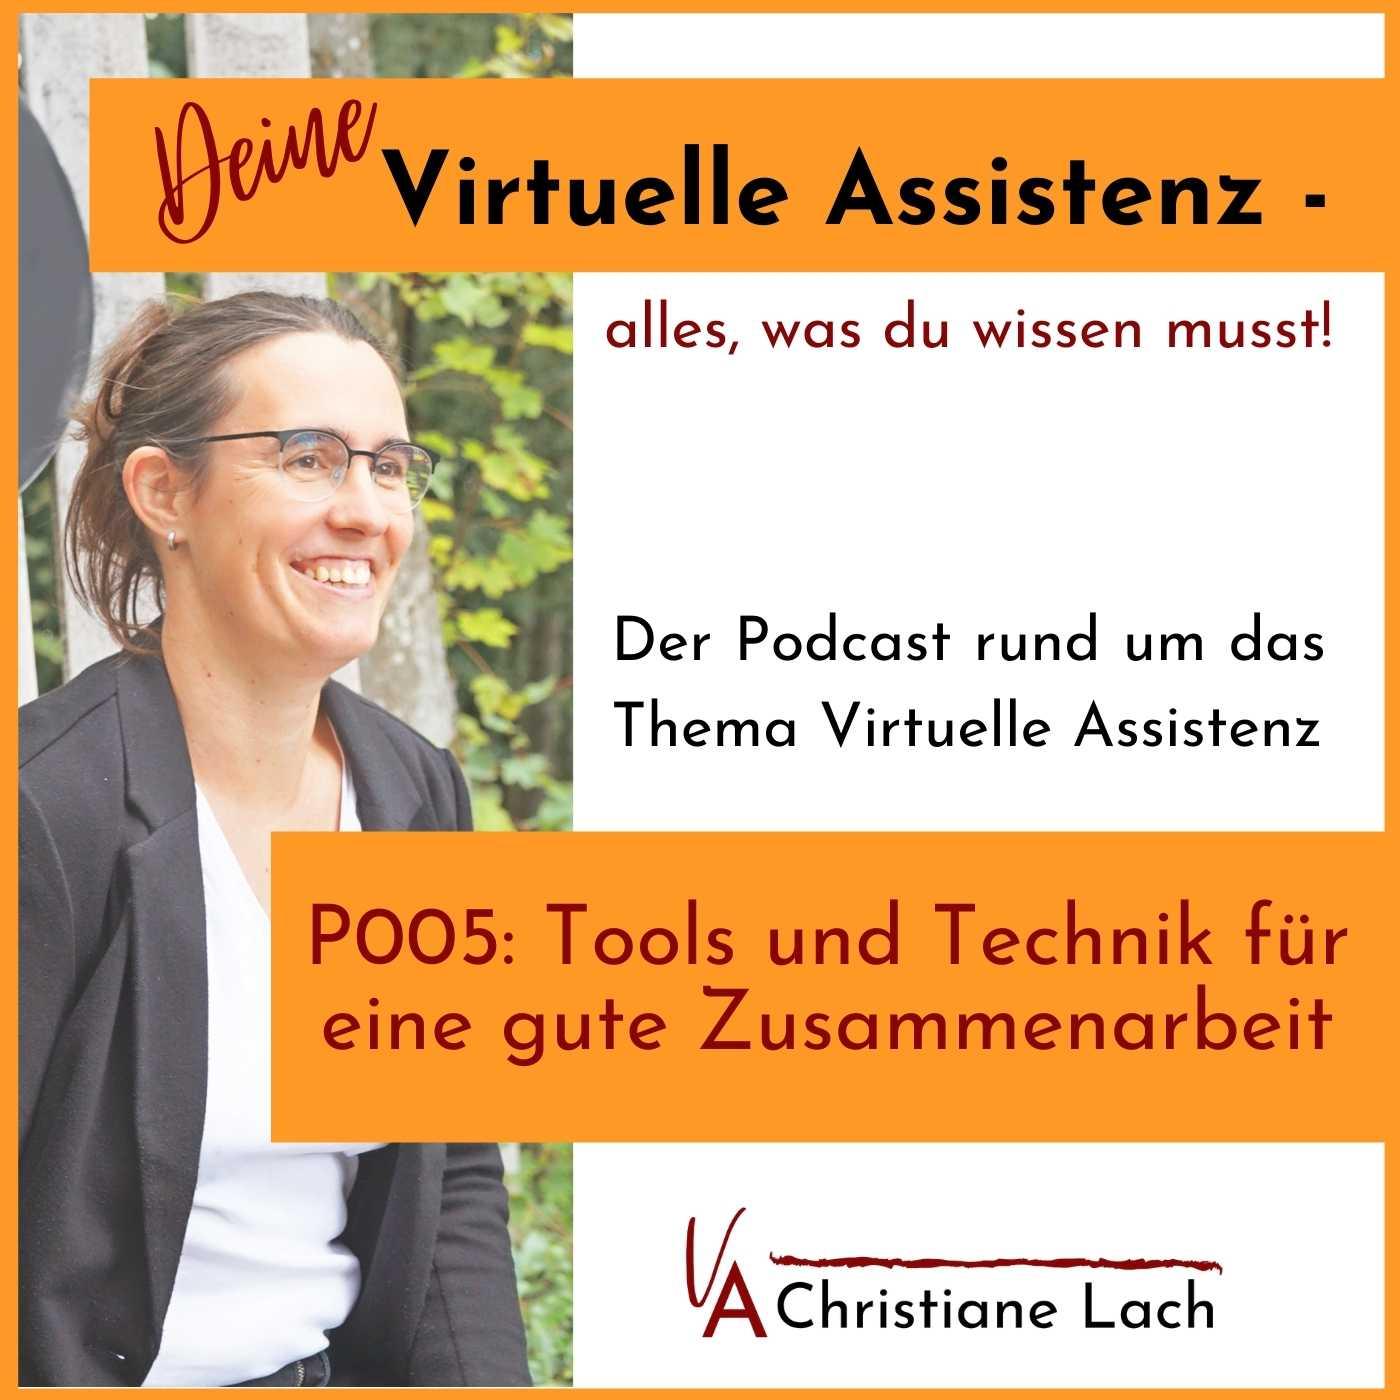 P005: Tools und Technik: Wie klappt die Zusammenarbeit mit einer VA besonders gut?